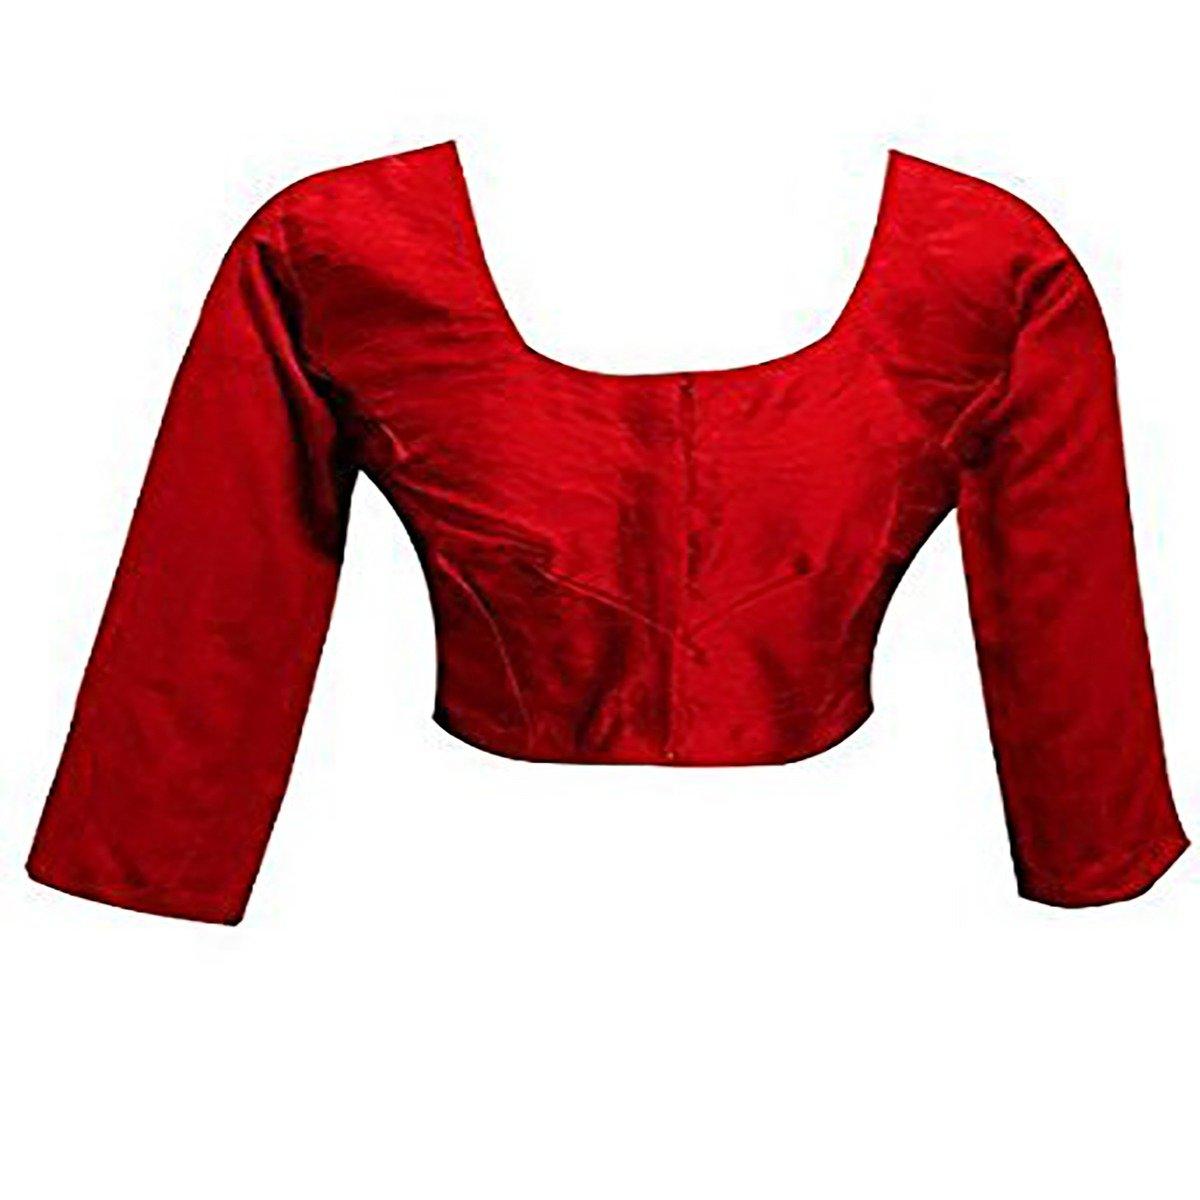 BEREIT, BLUSE SEIDEN BEST MATCH SARI SARI INDISCHE STITCH TOP LINING zu  tragen Designer Long Crope Top Frauen Choli Indian Brokat Saree Bluse Party  Wear Top ...